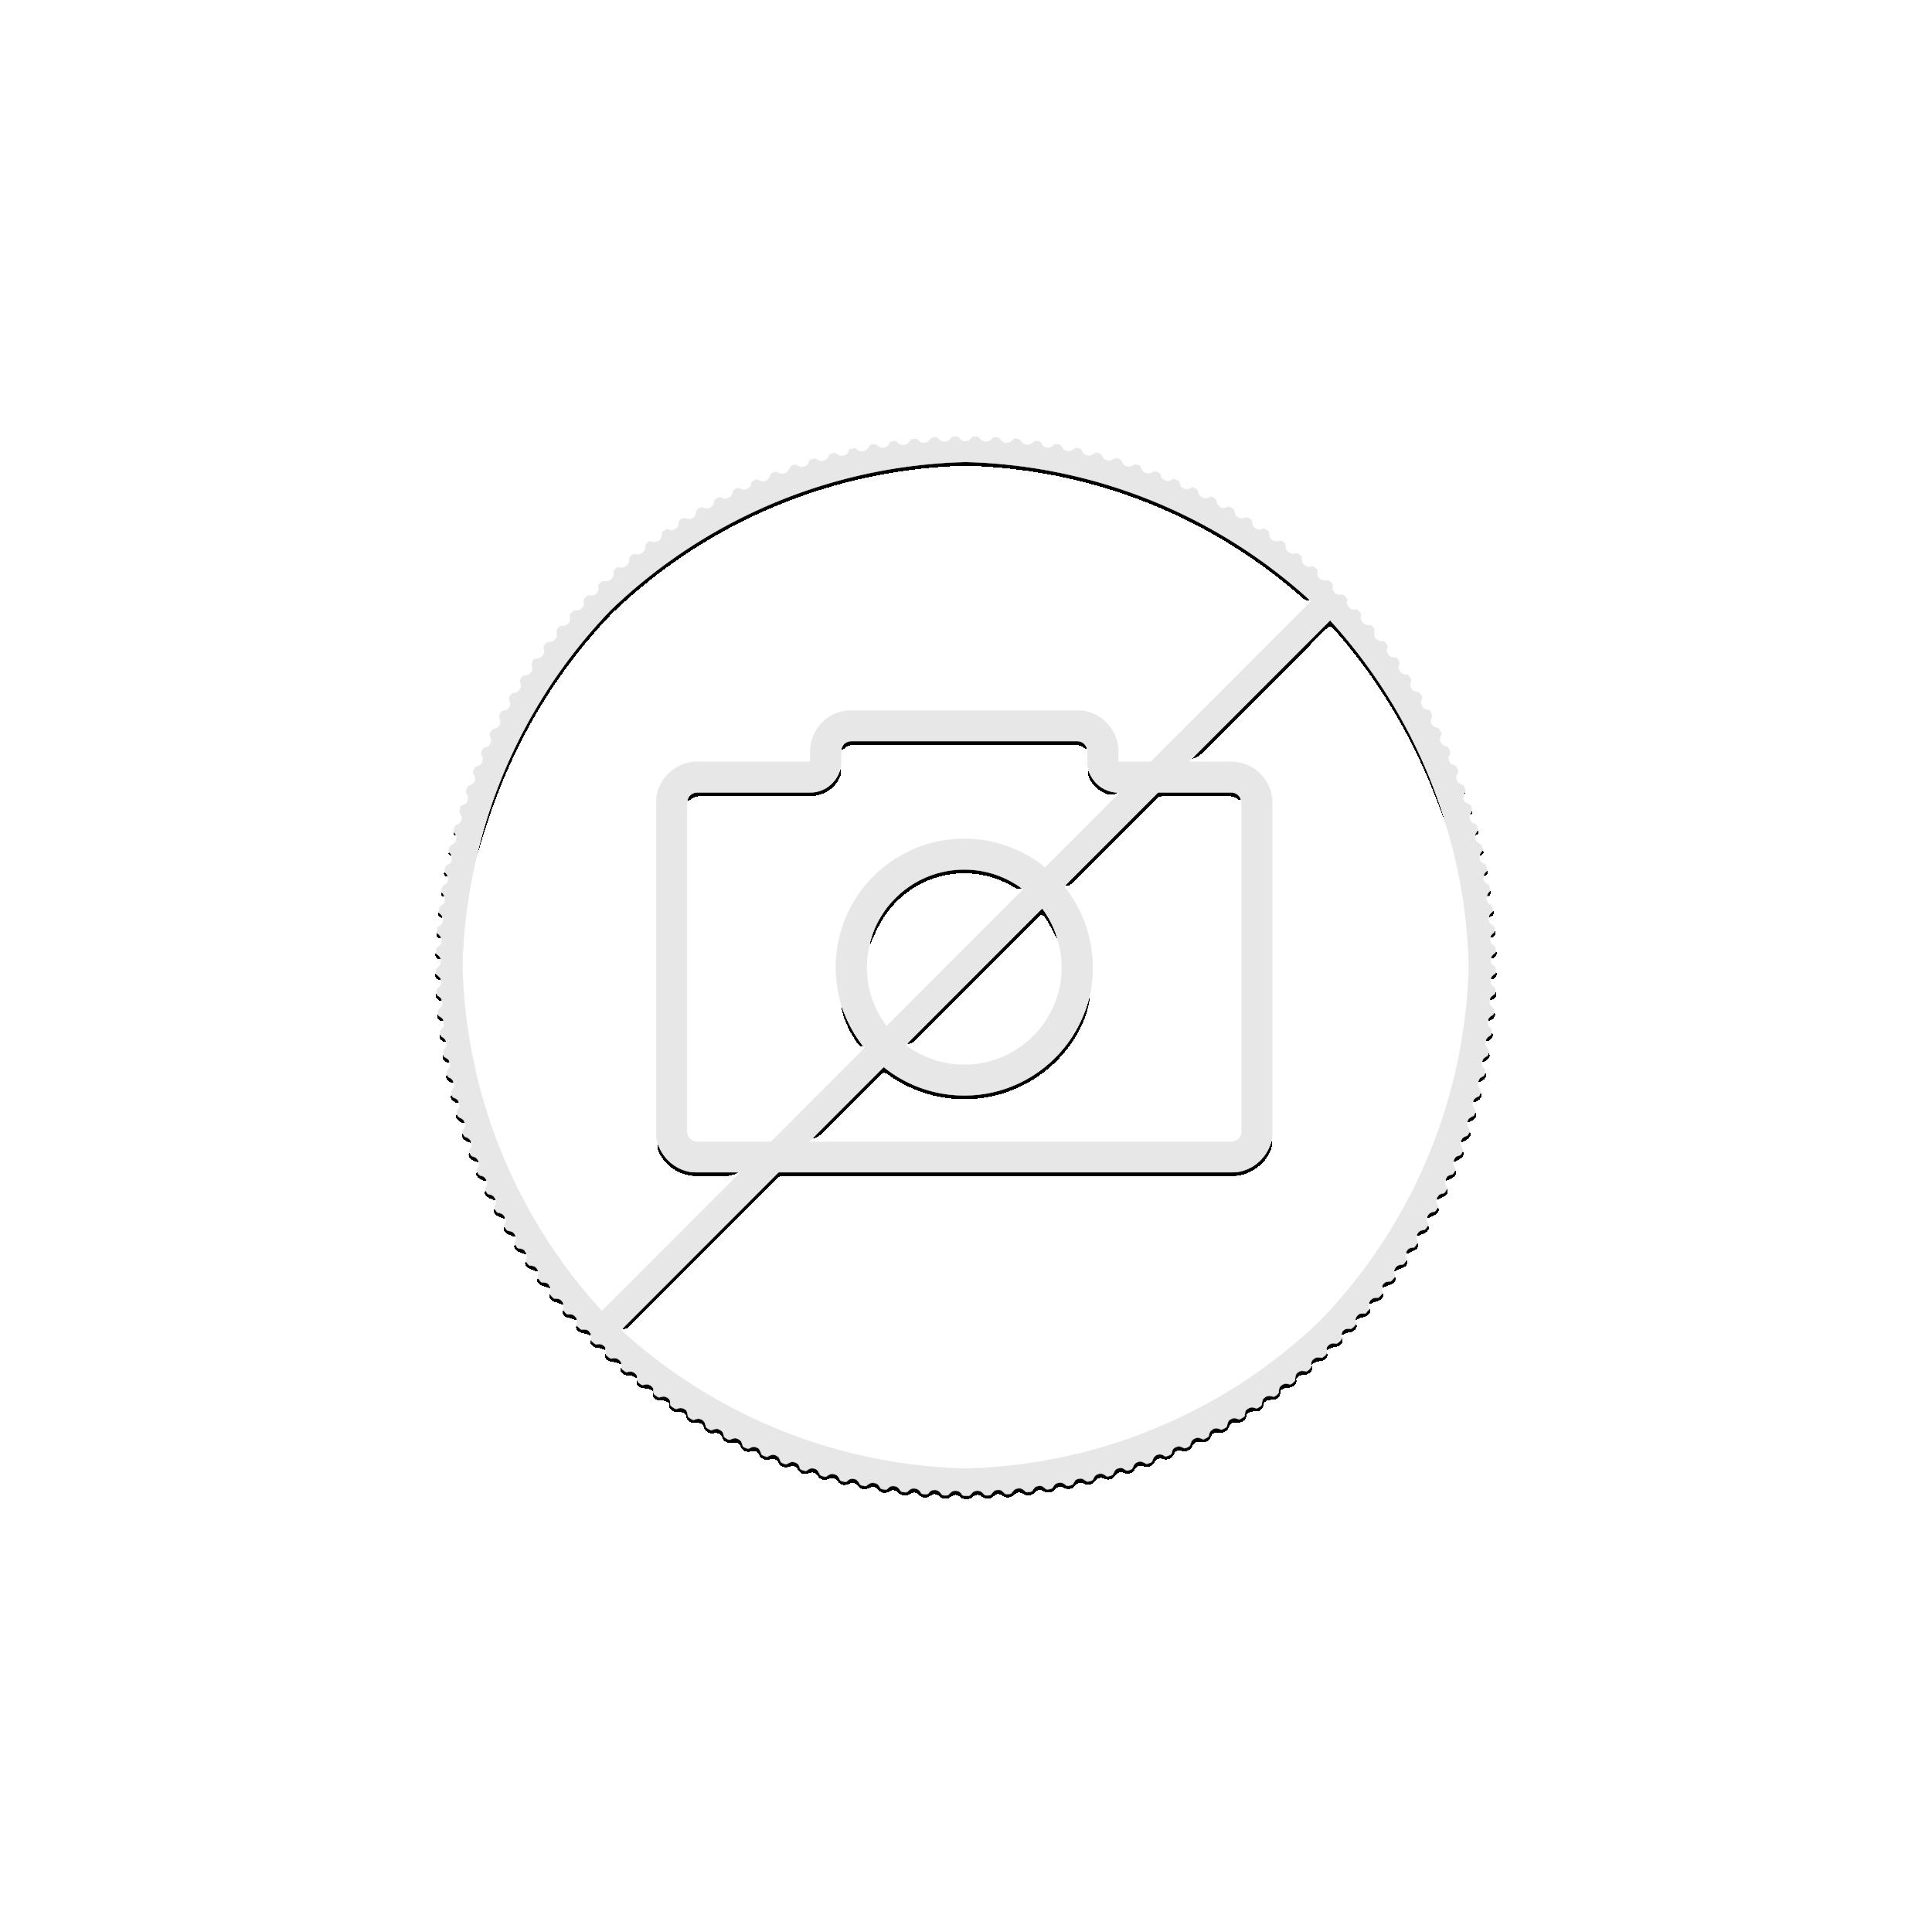 1.5 troy ounce zilver IJsbeer munt 2013